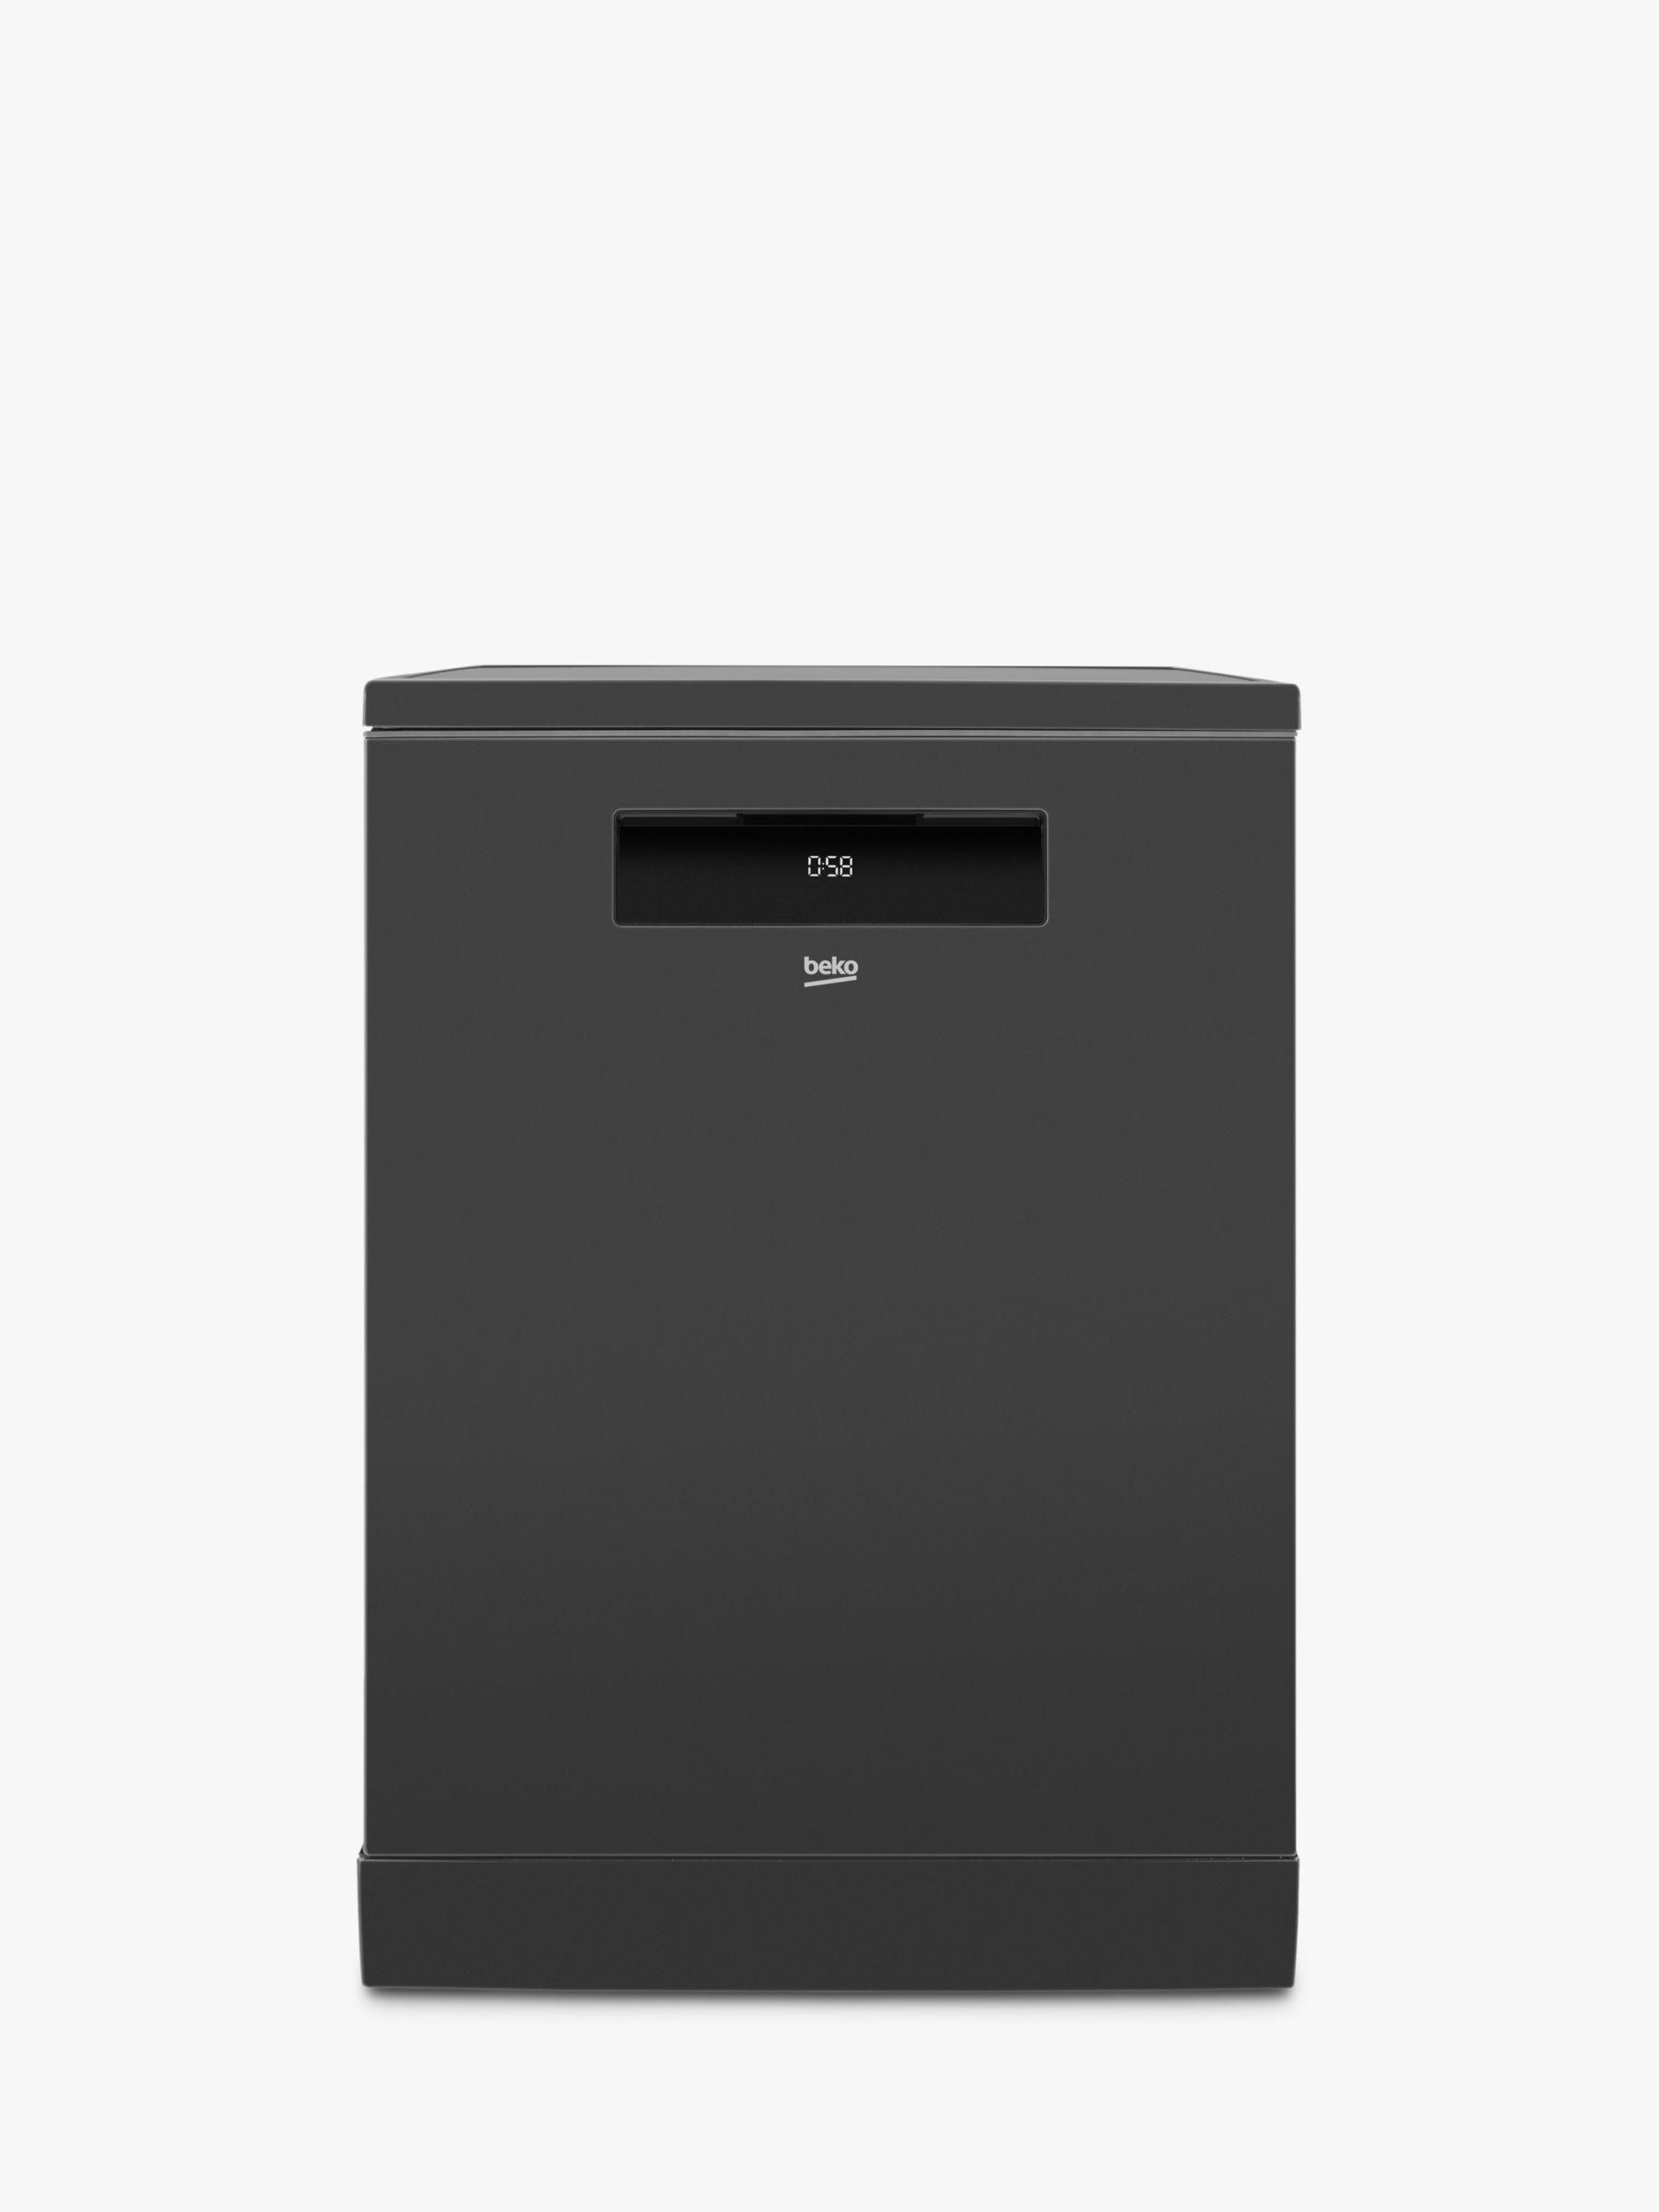 Beko Beko DEN59420DG Freestanding Dishwasher, A++ Energy Rating, Graphite